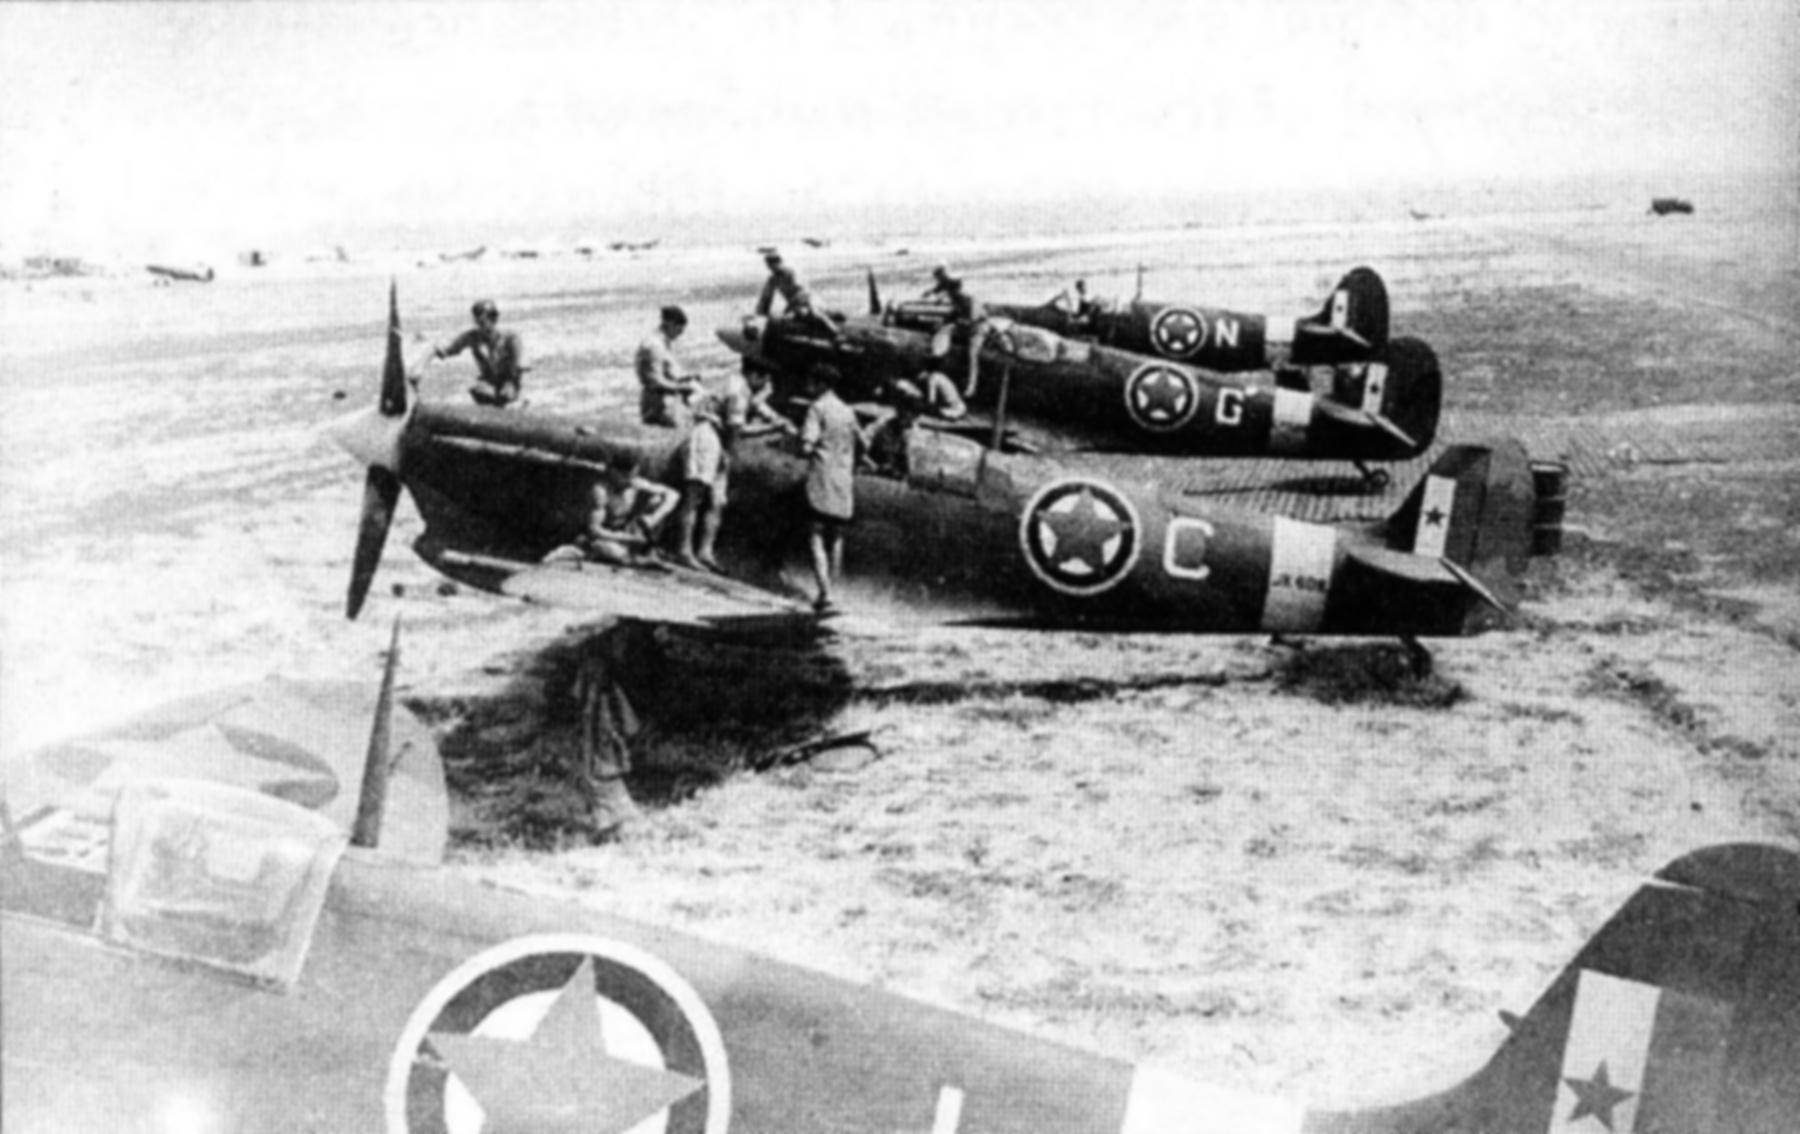 Spitfire MkVcTrop RAF 352Sqn C JK608 JK808 with G N Canne Italy 1944 01